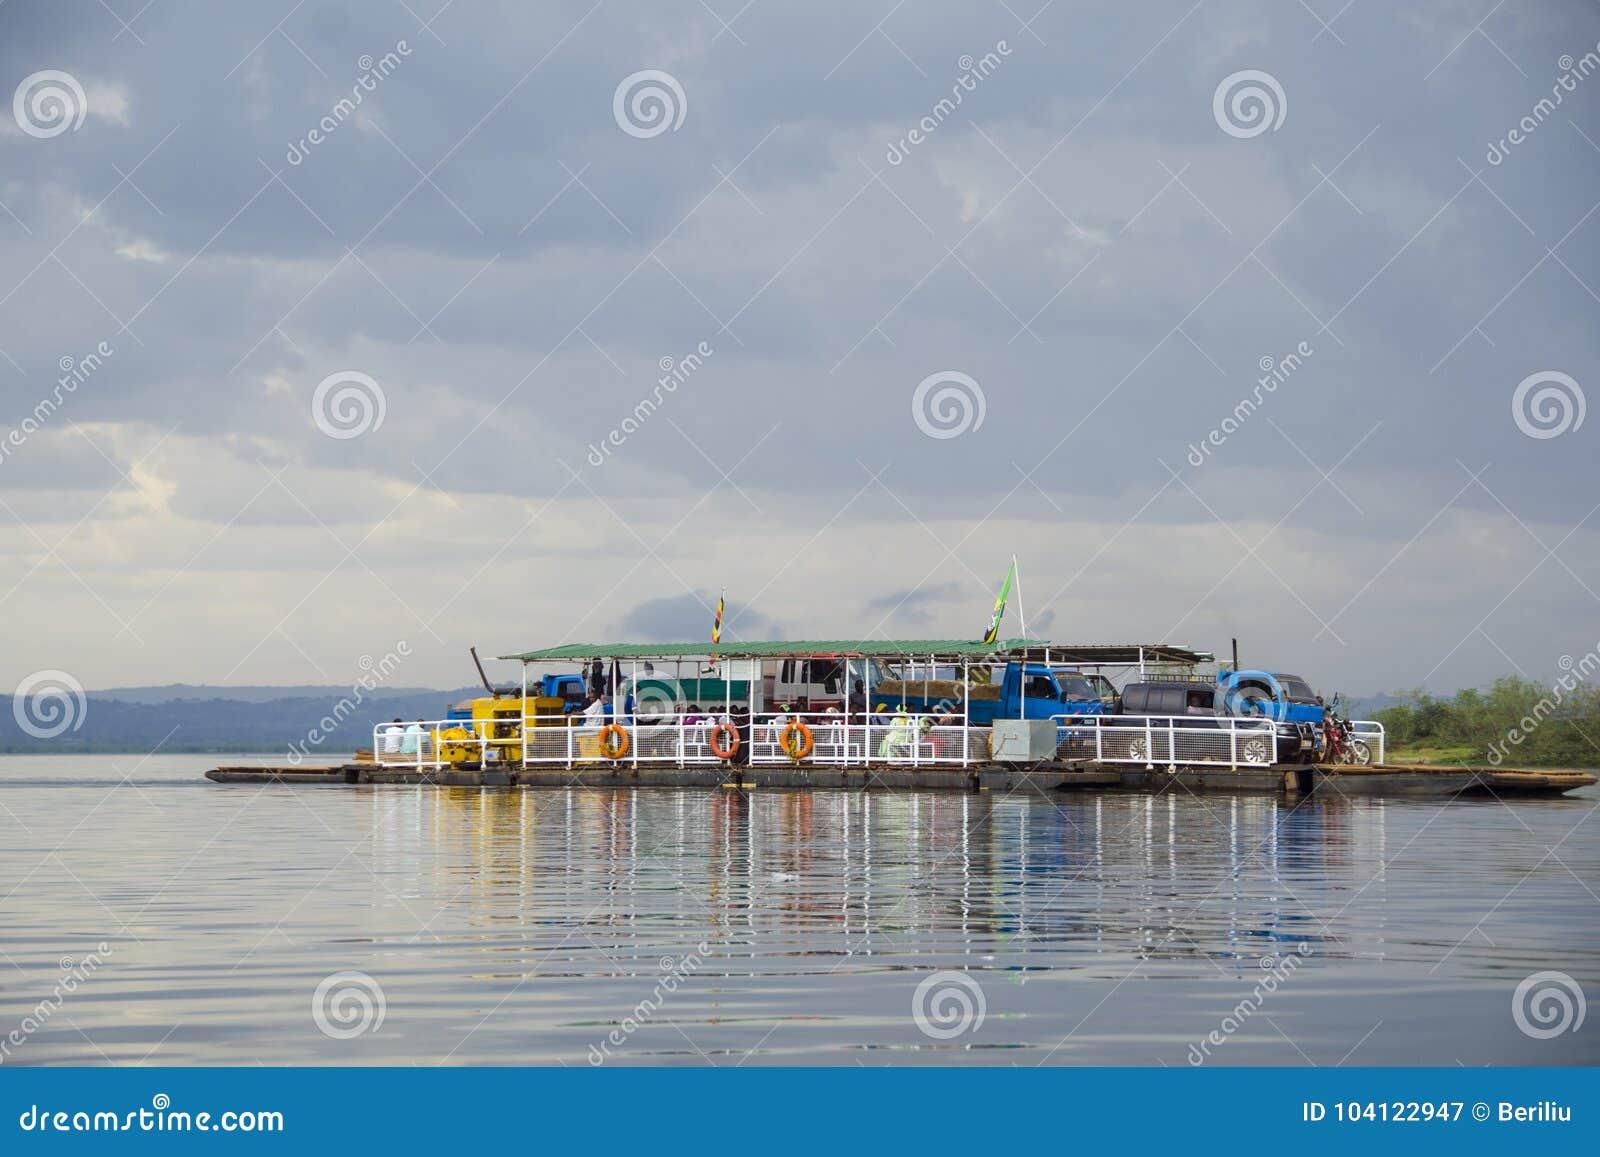 Mabamba ferry